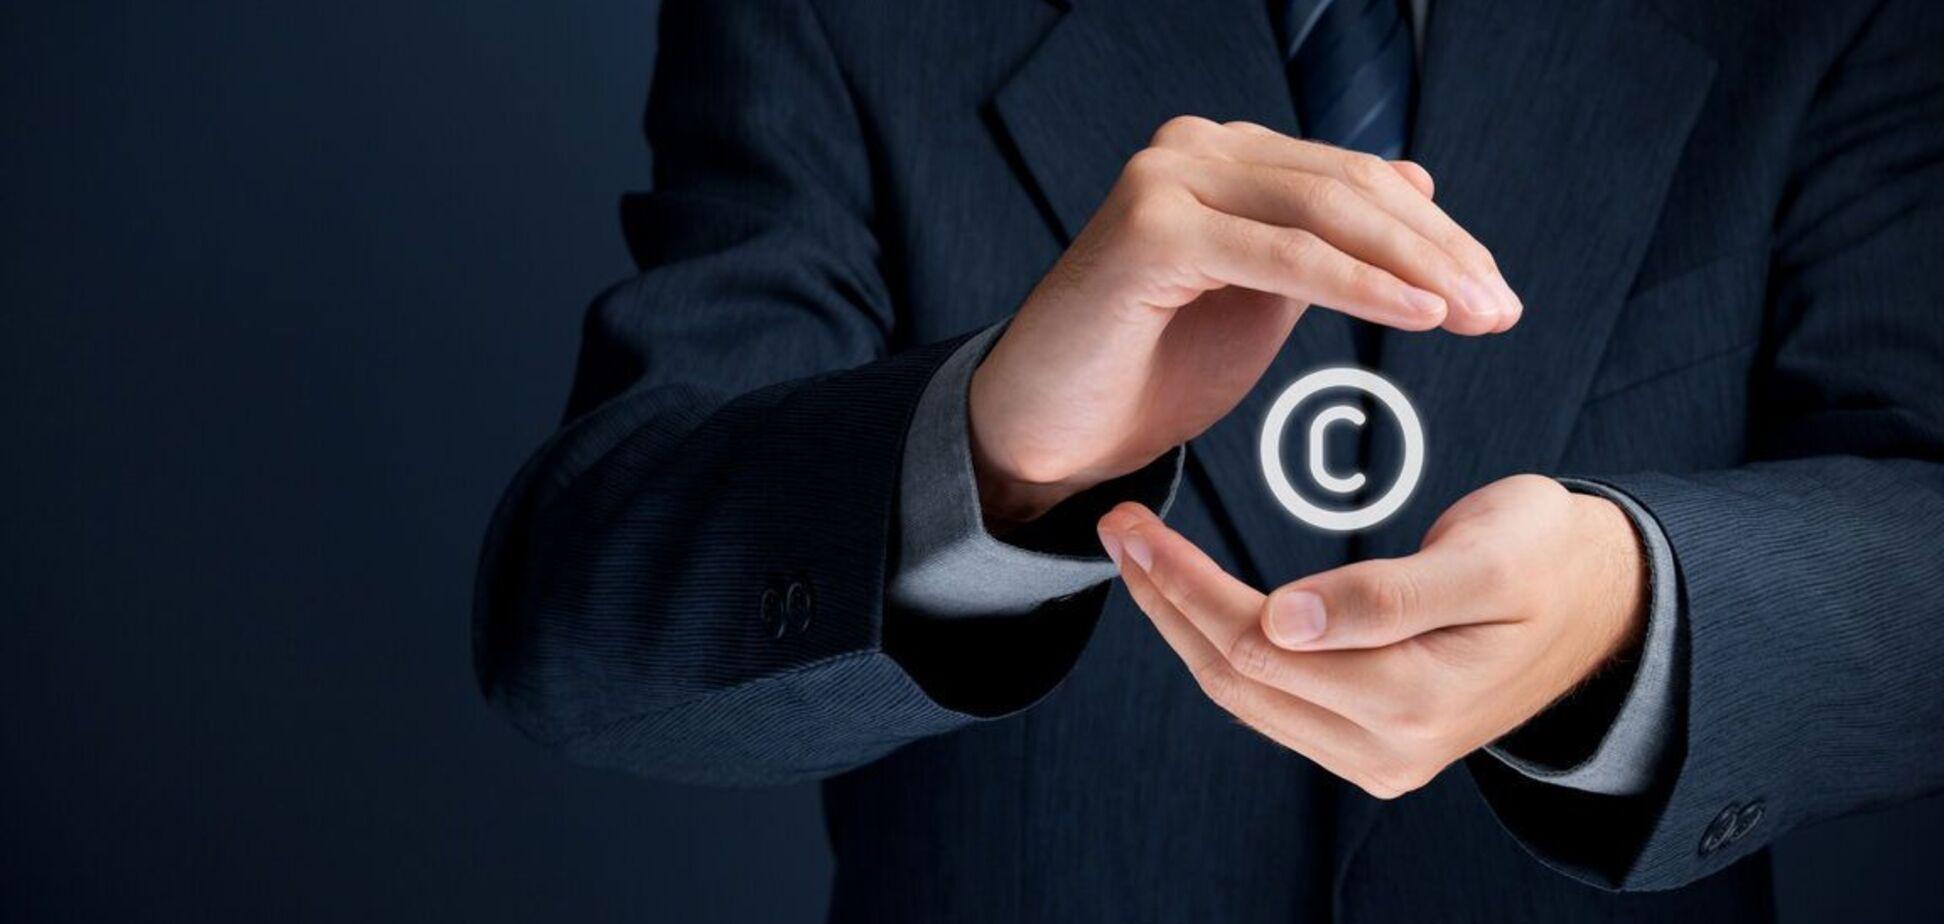 В эпоху интернета важно оберегать свою интеллектуальную собственность